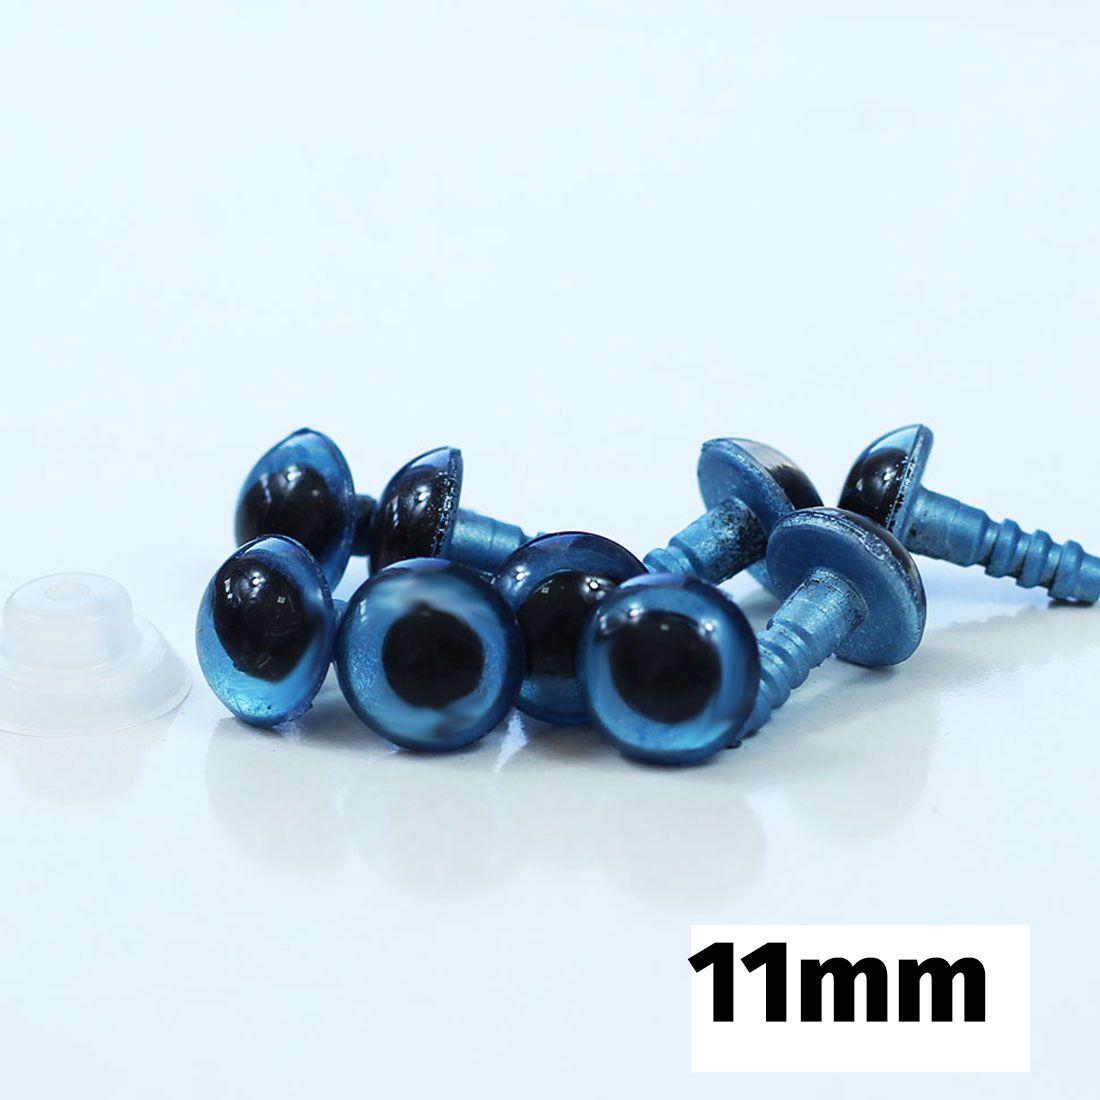 Olhos para Amigurumi (Azul Nº 11 com Trava de Segurança)  5 Pares